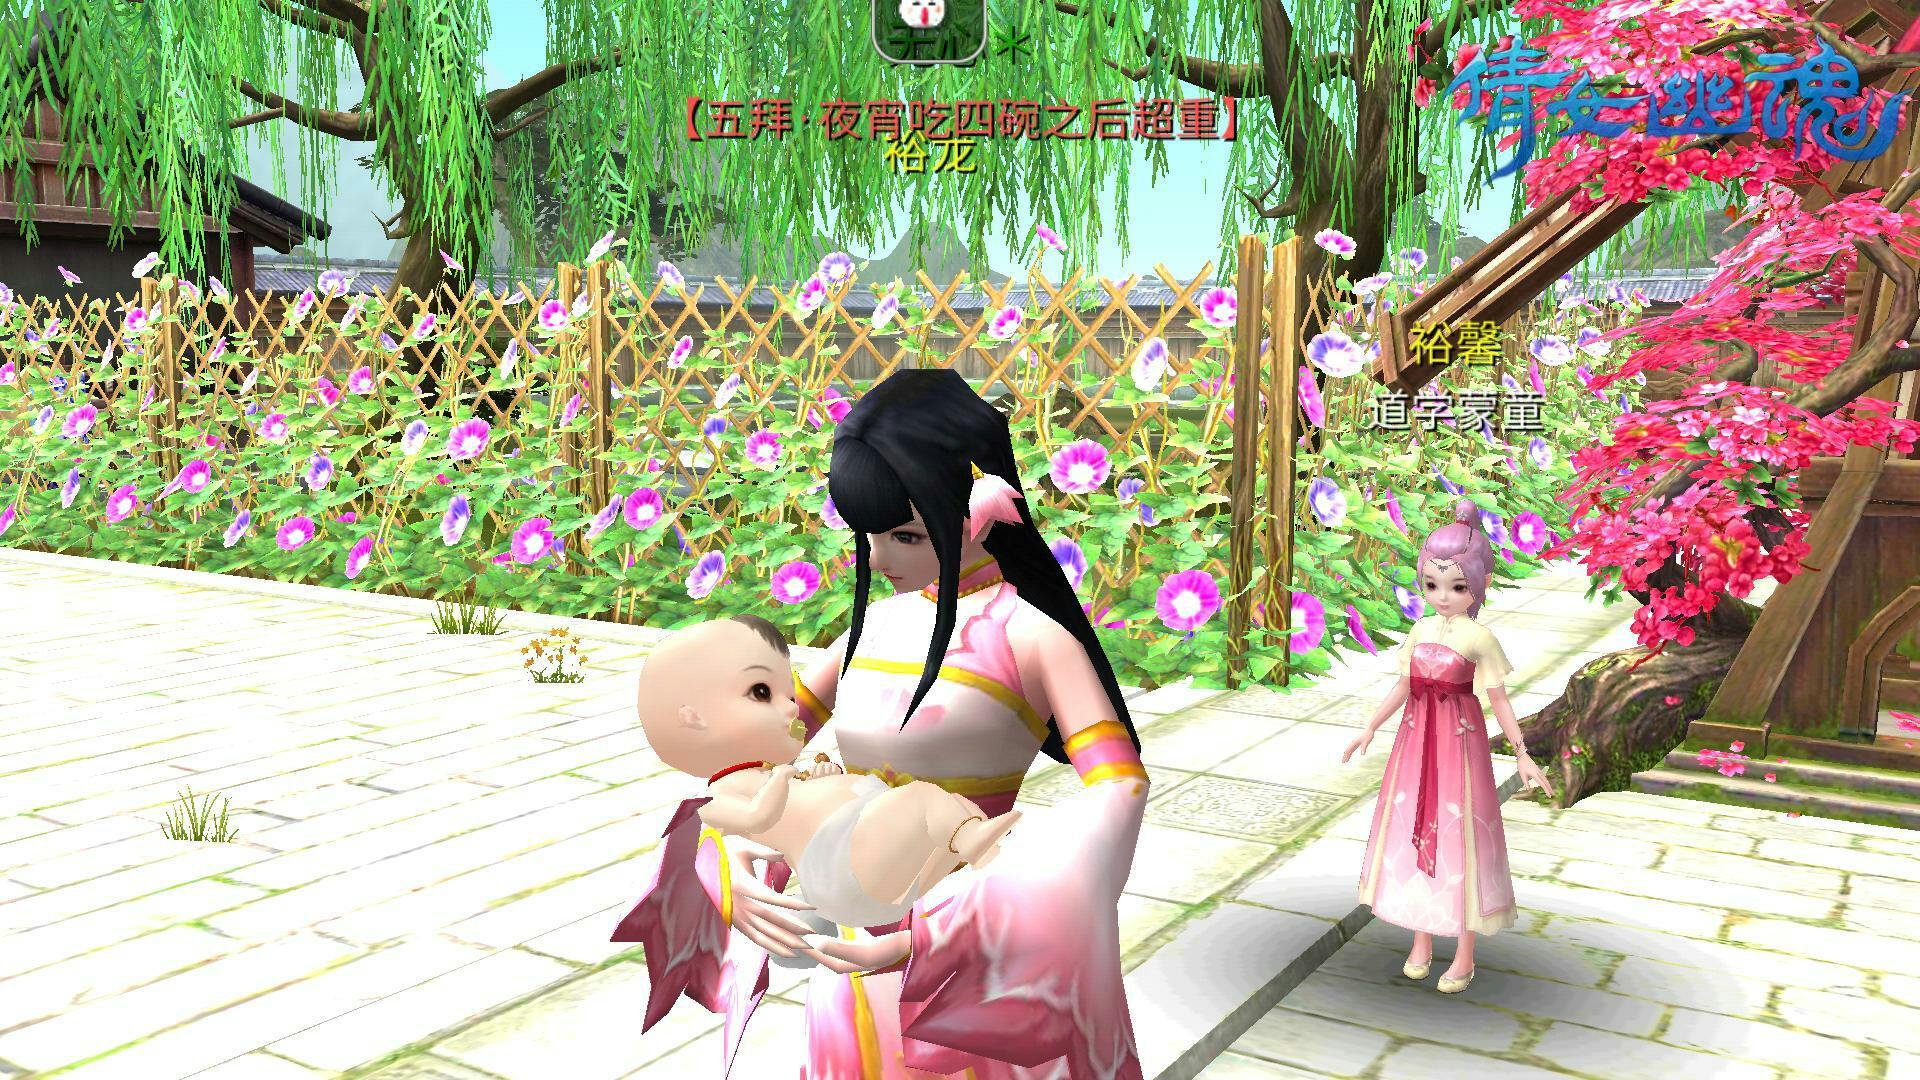 二宝出生了